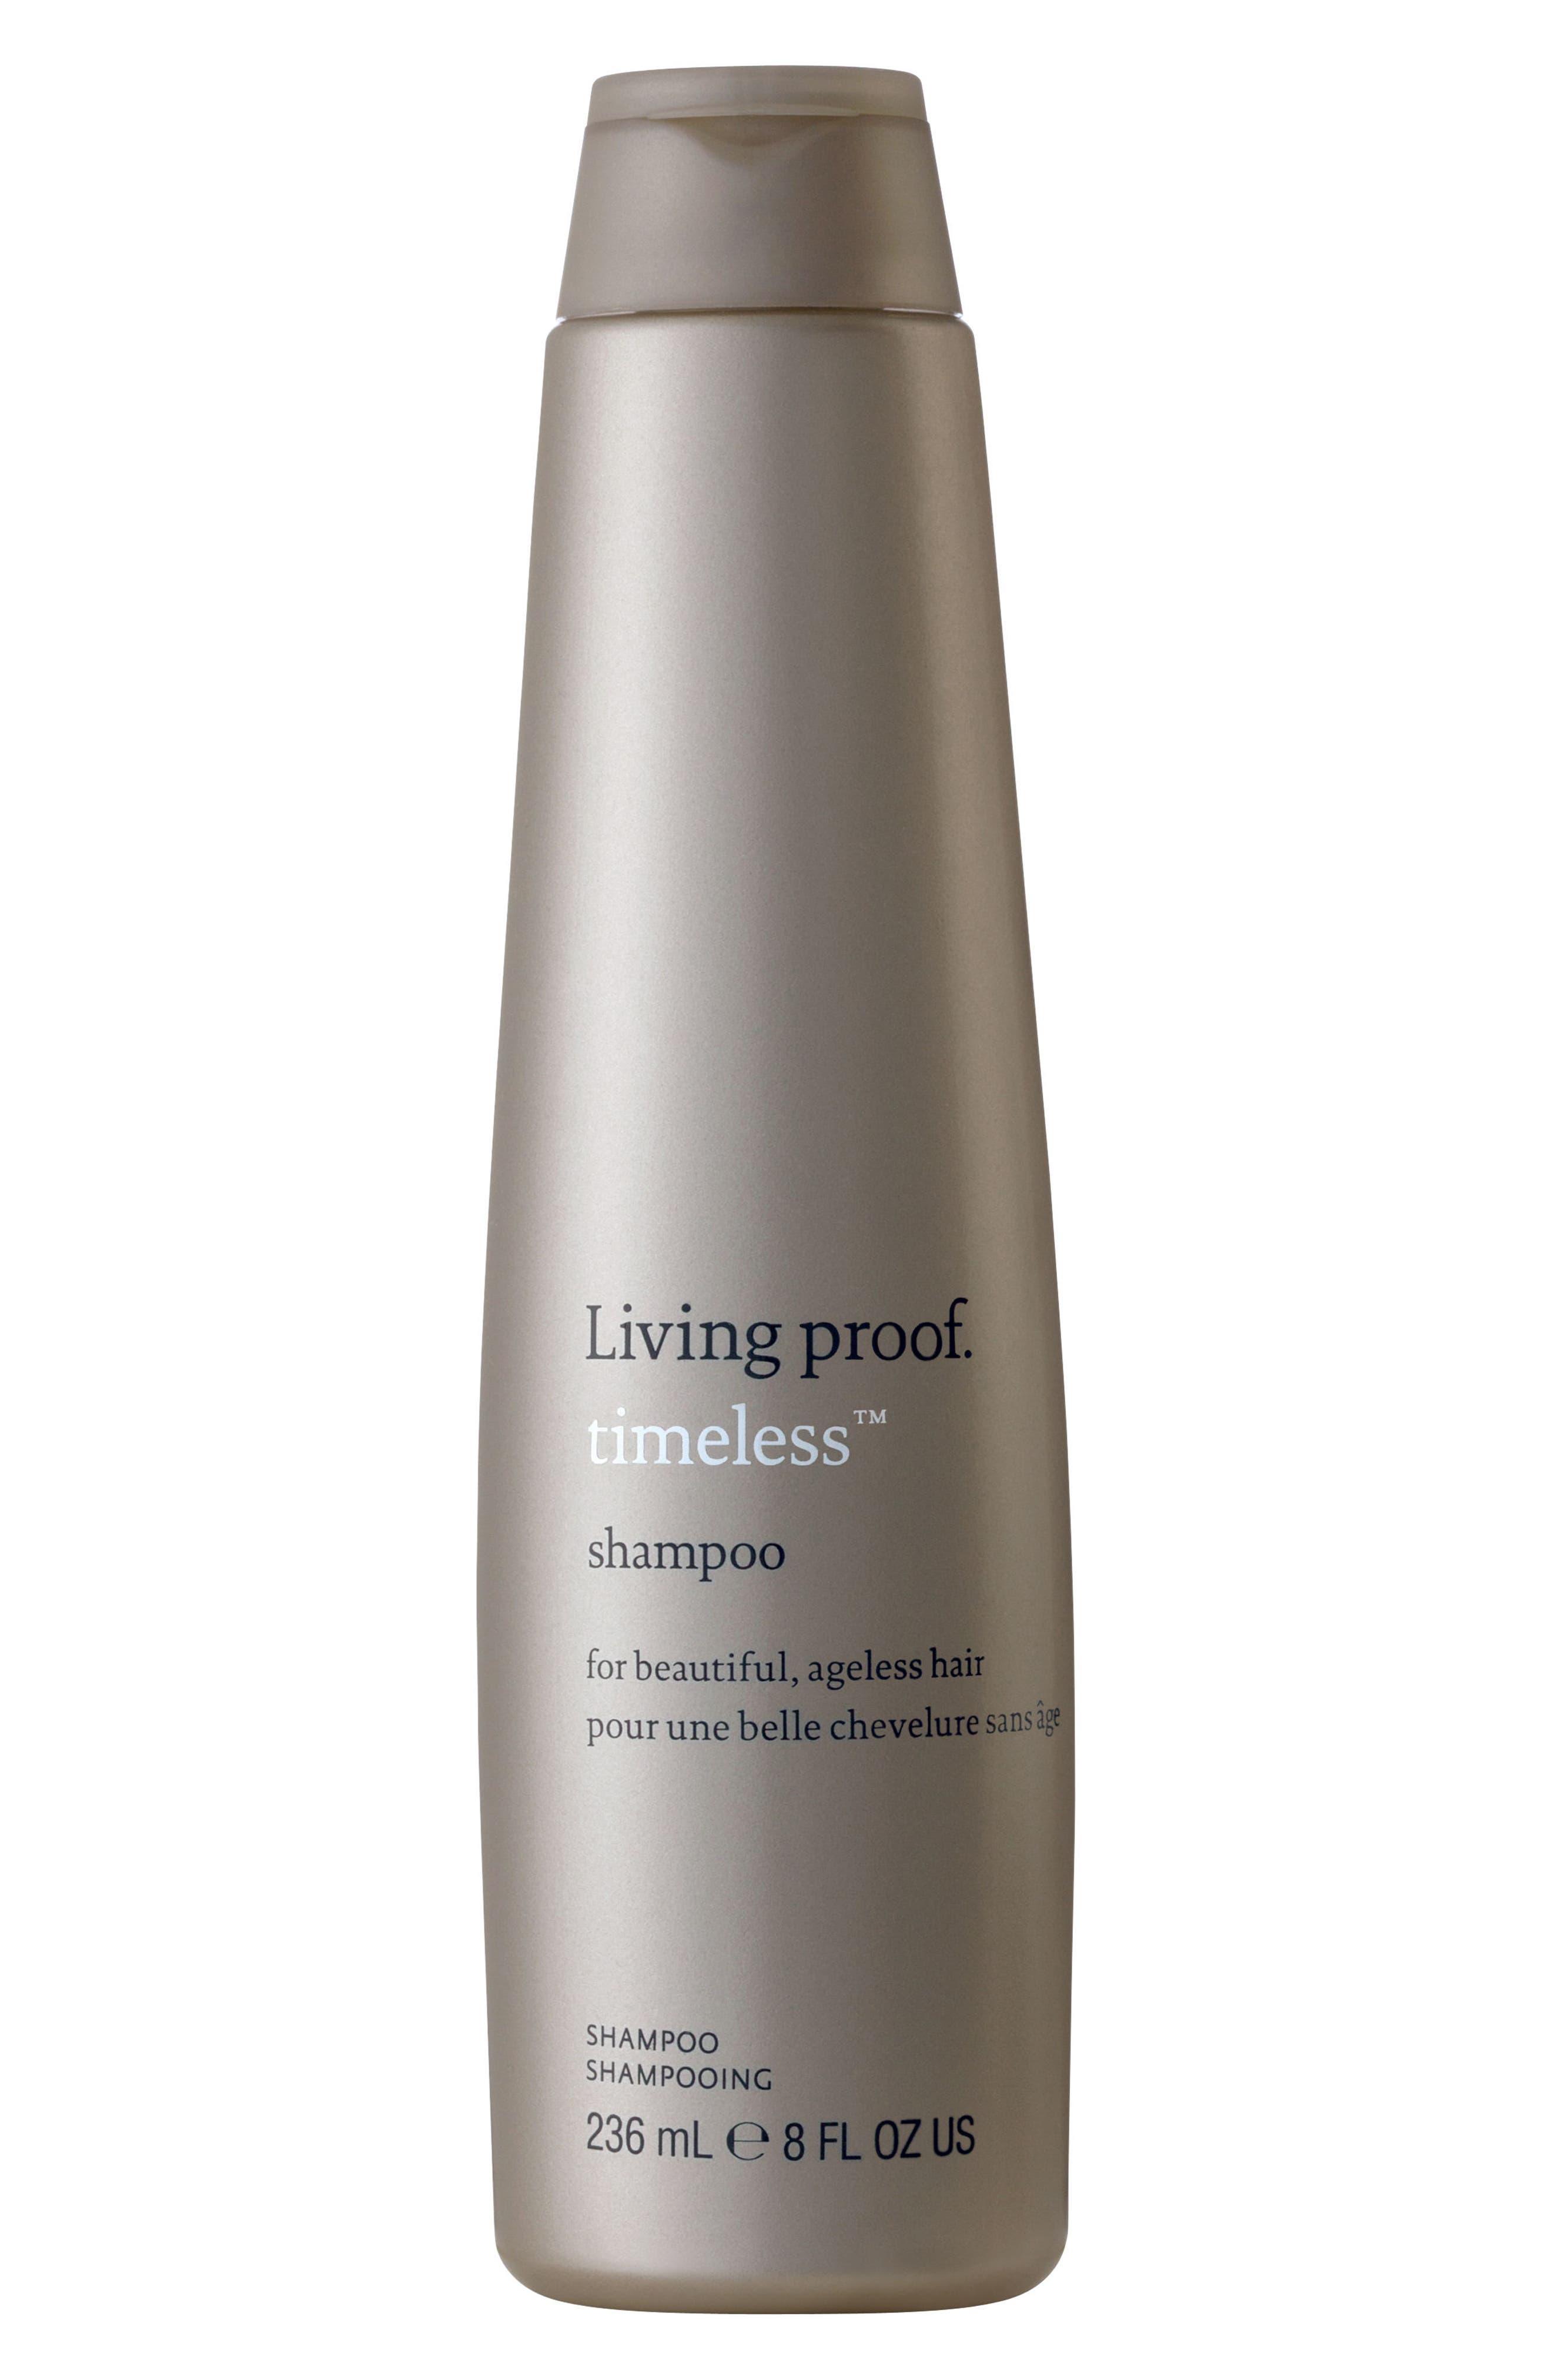 Living proof® Timeless Shampoo